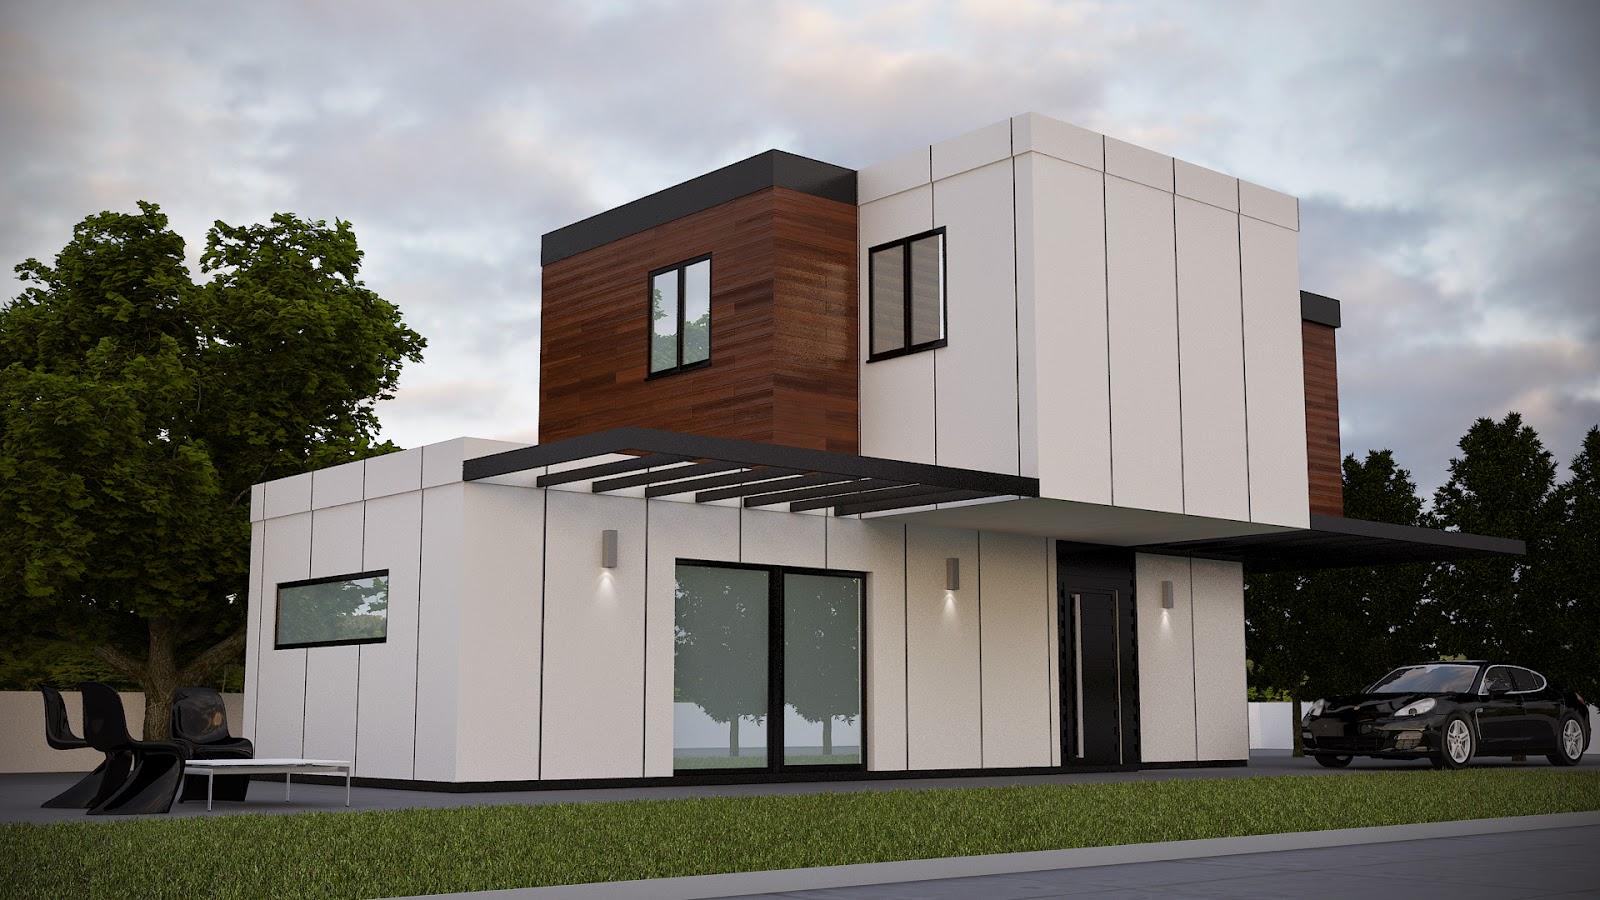 Casas modulares para solucionar crisis de vivienda resan - Construccion de casas modulares ...